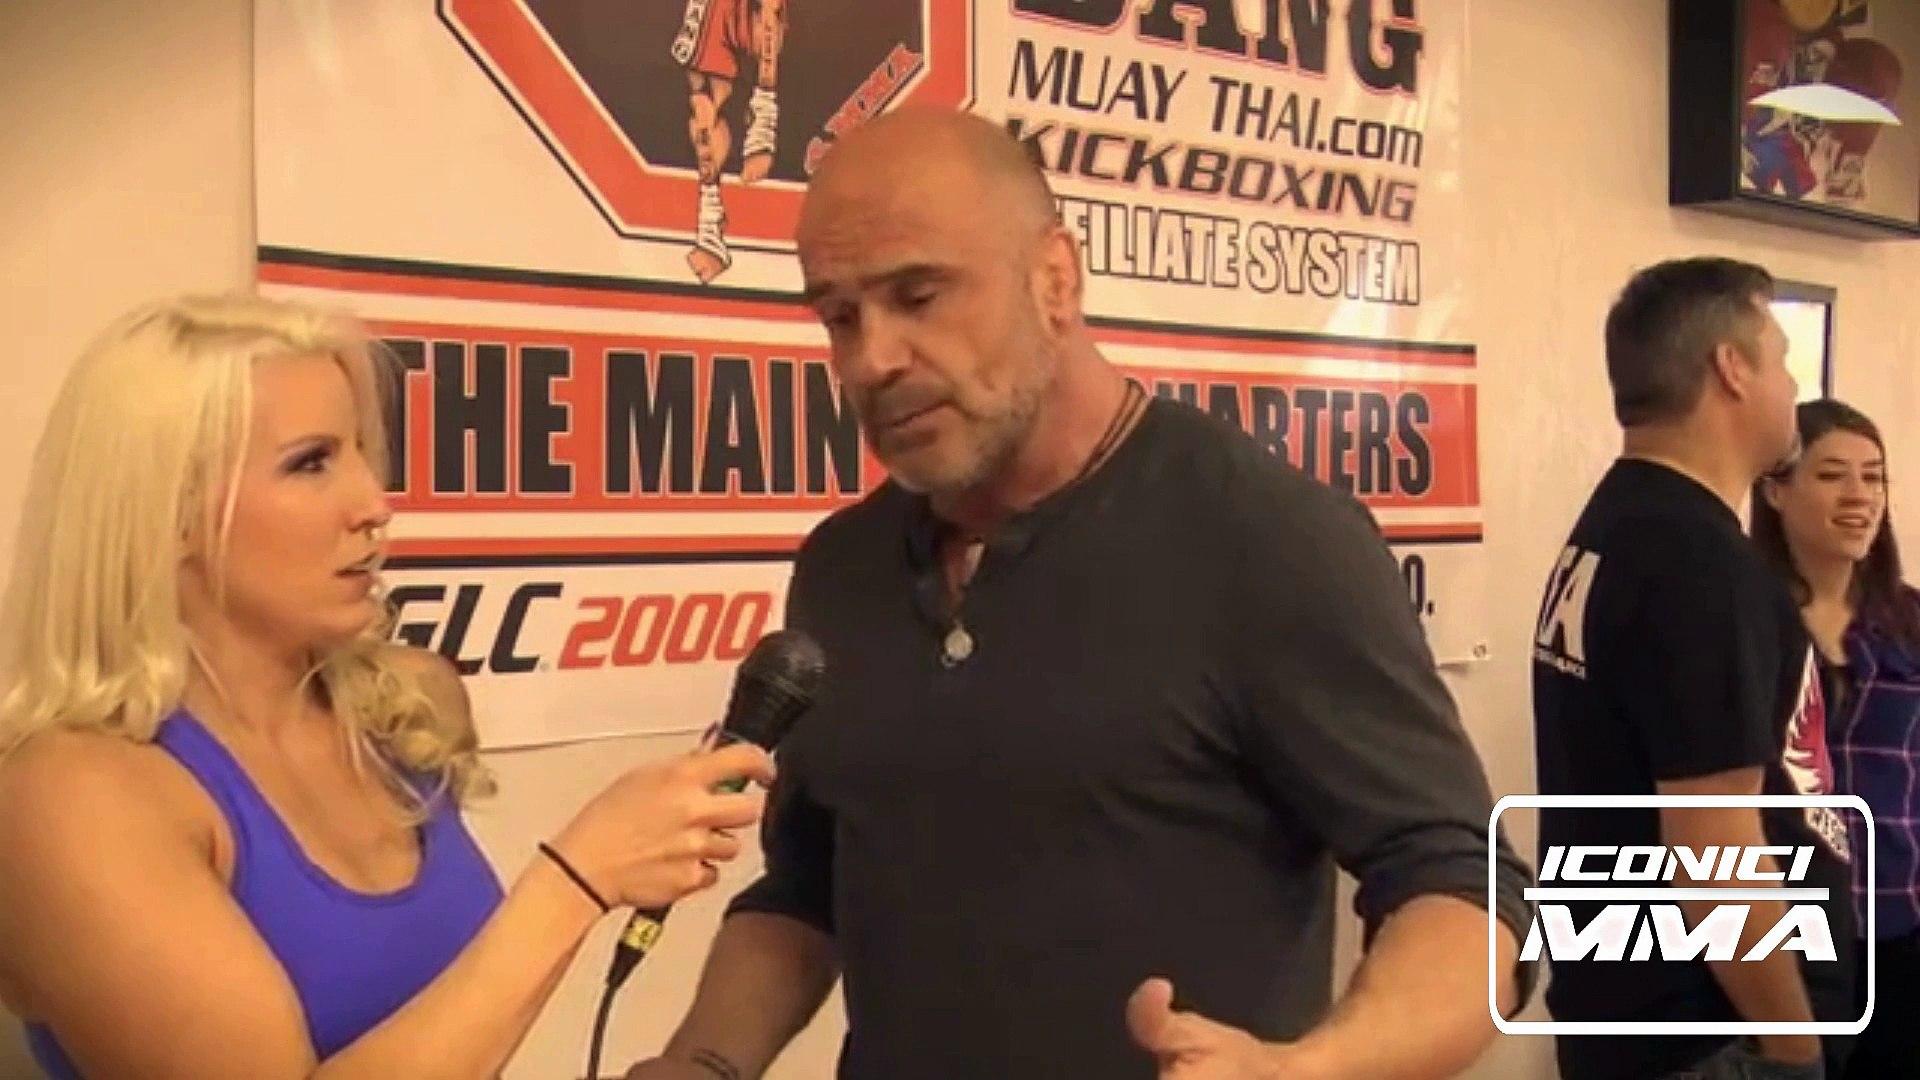 MMA Legend Bas Rutten On Iconici MMA